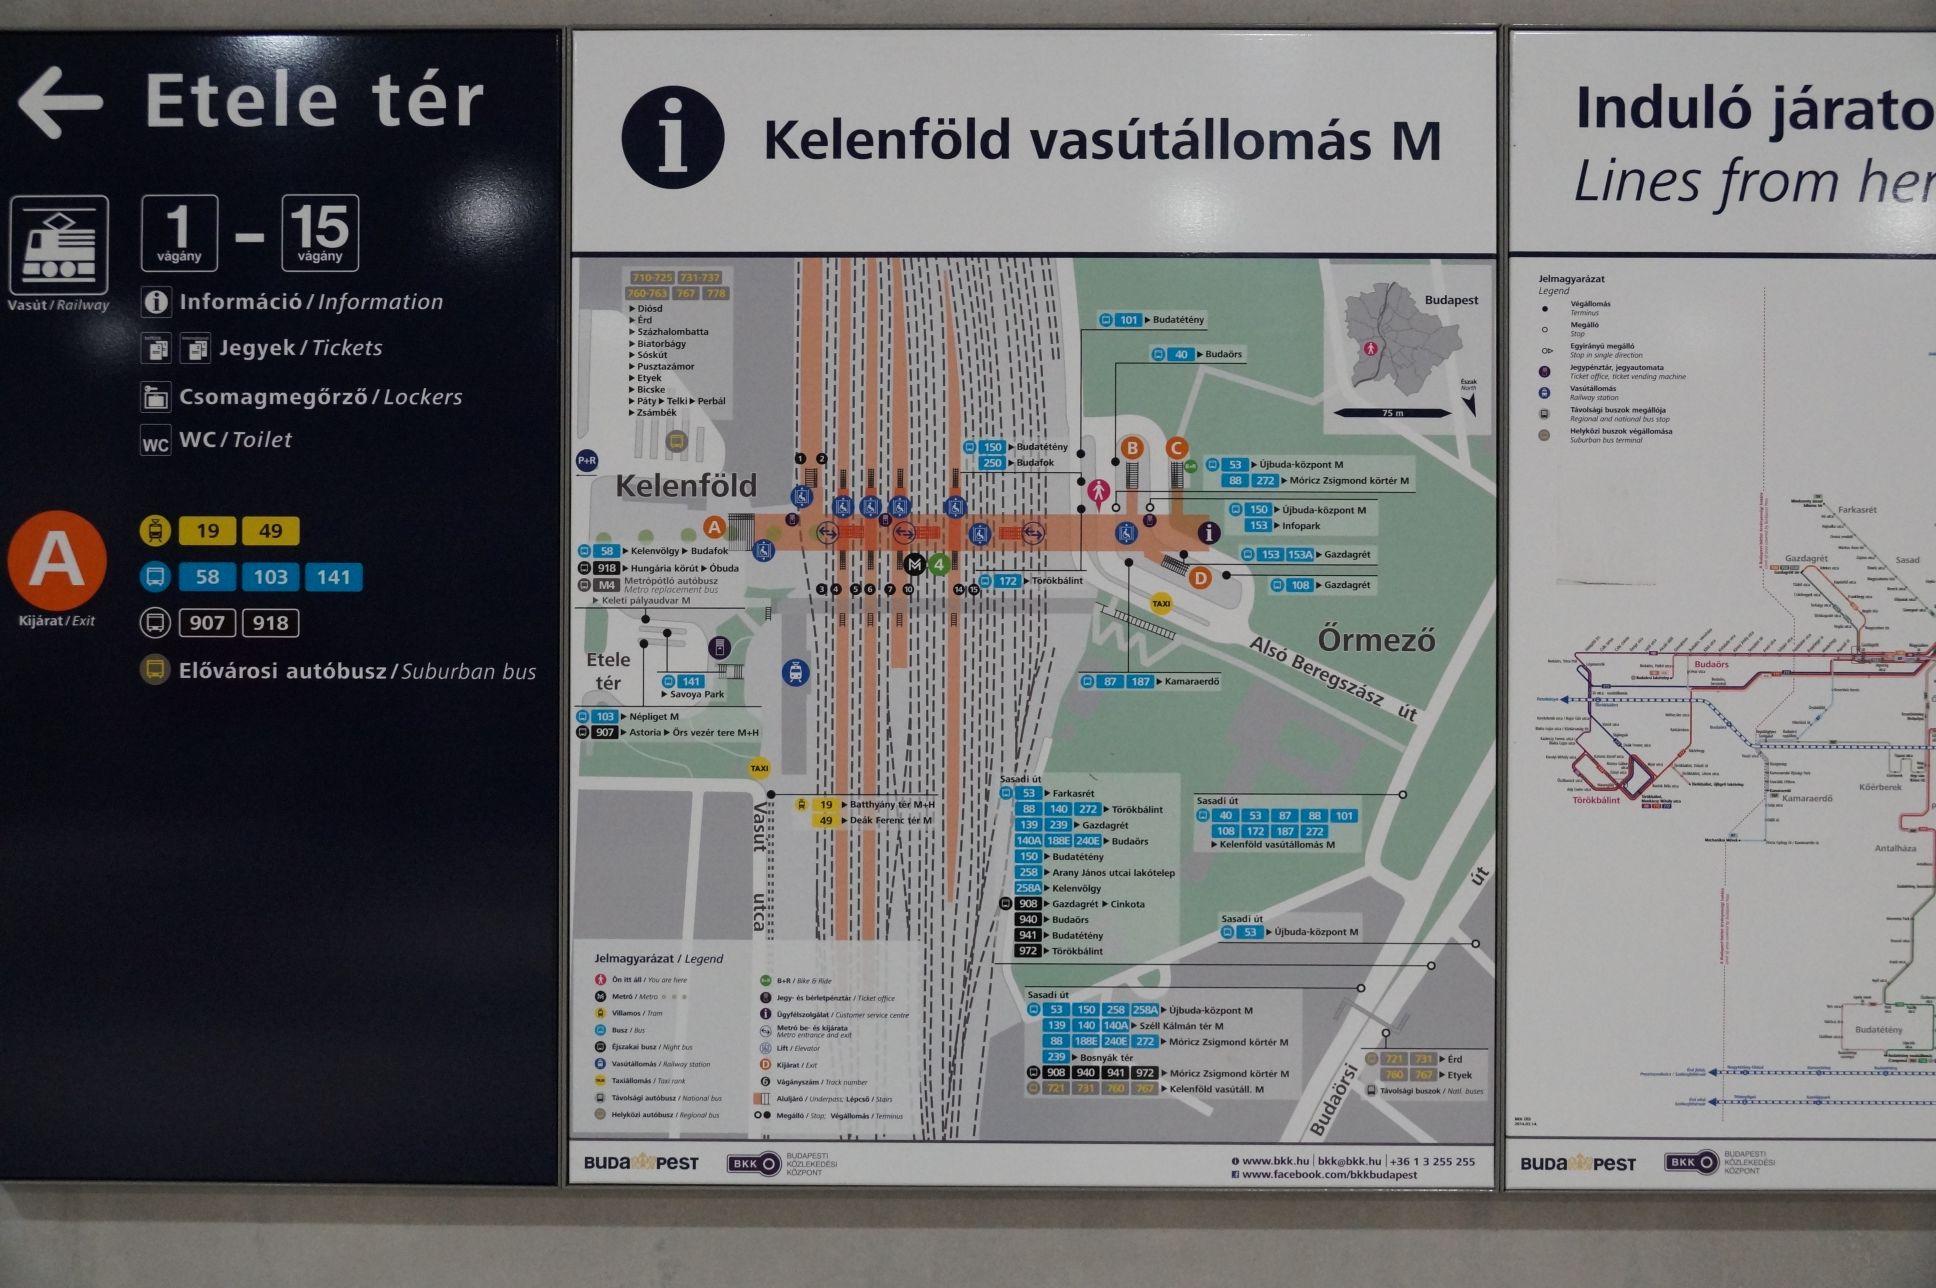 kelenföldi pályaudvar térkép Szerezz be egy jegyet! Emberek elvesznek, tekeregnek, keseregnek  kelenföldi pályaudvar térkép